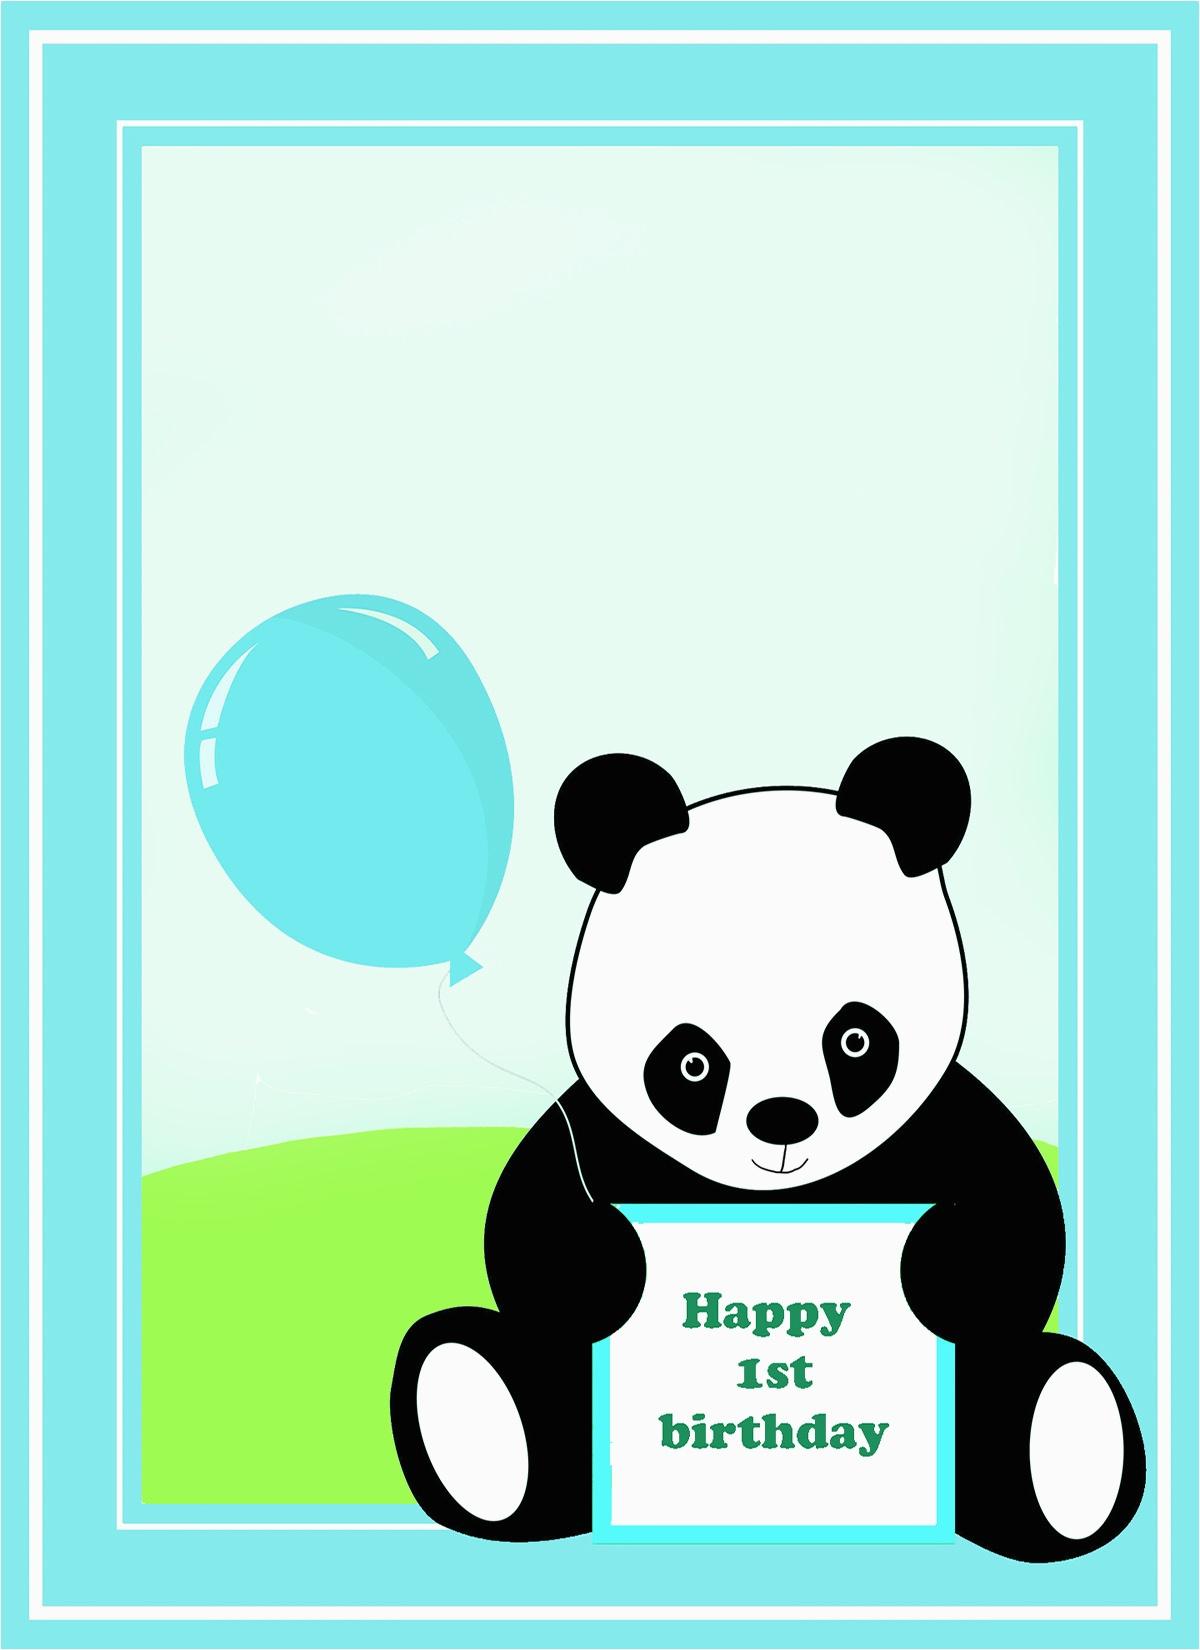 Panda Birthday Card Template | Birthdaybuzz - Panda Bear Invitations - Panda Bear Invitations Free Printable